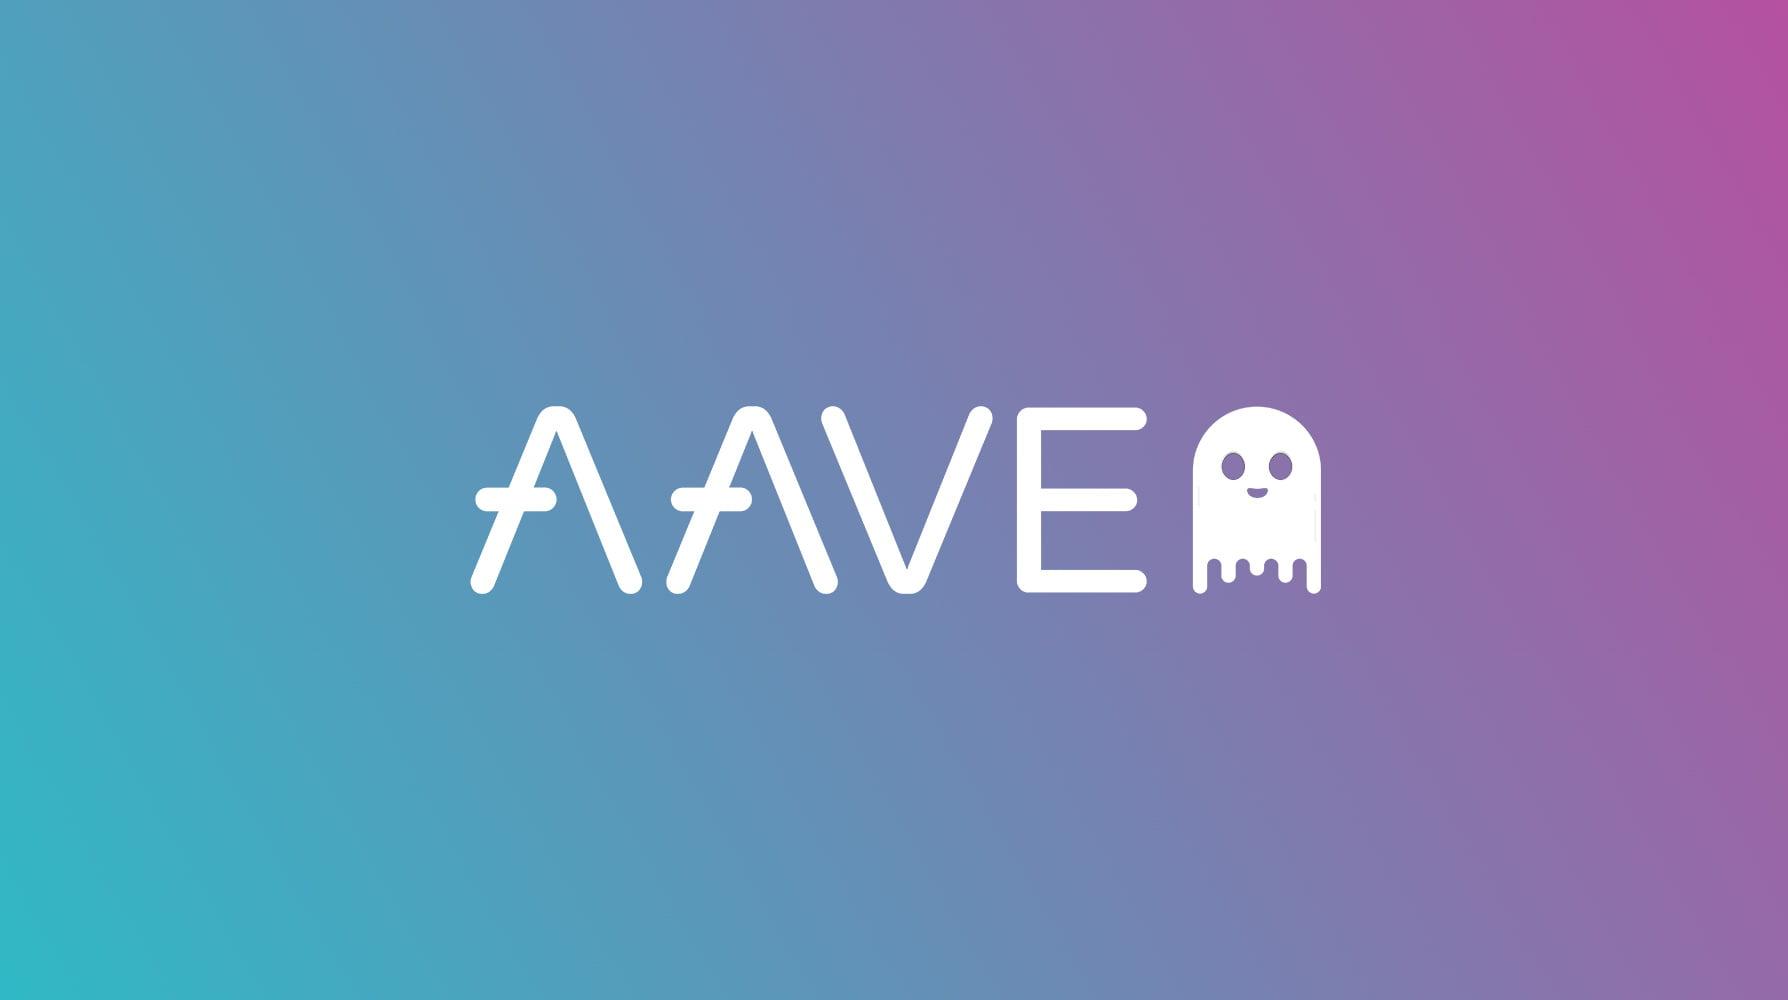 معرفی پروتکل آوه (Aave)